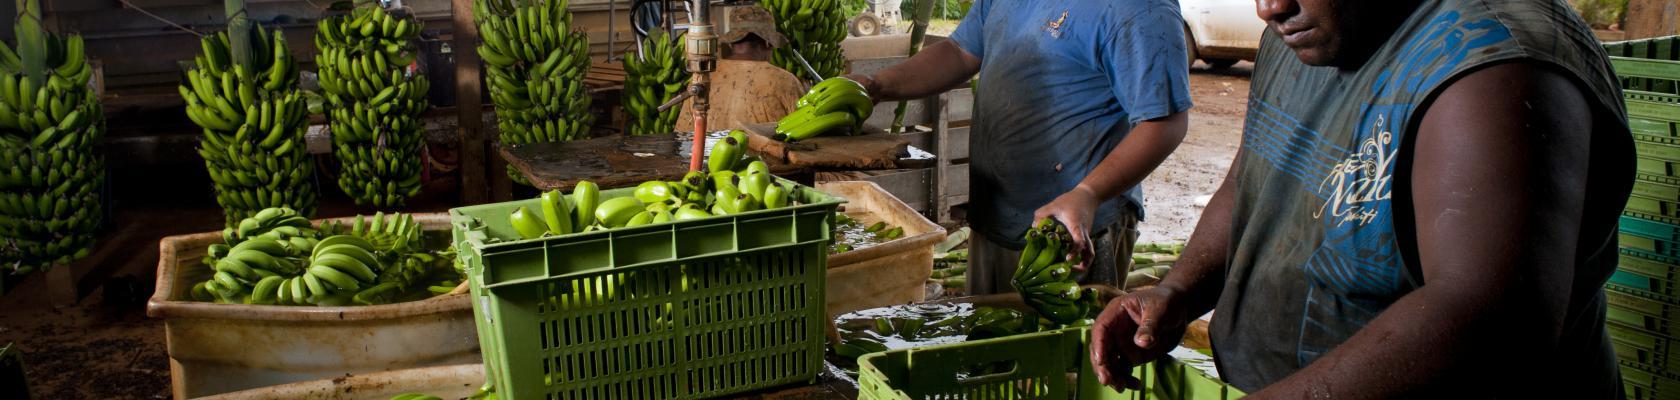 Culture de fruits tropicaux et subtropicaux en Nouvelle-Calédonie